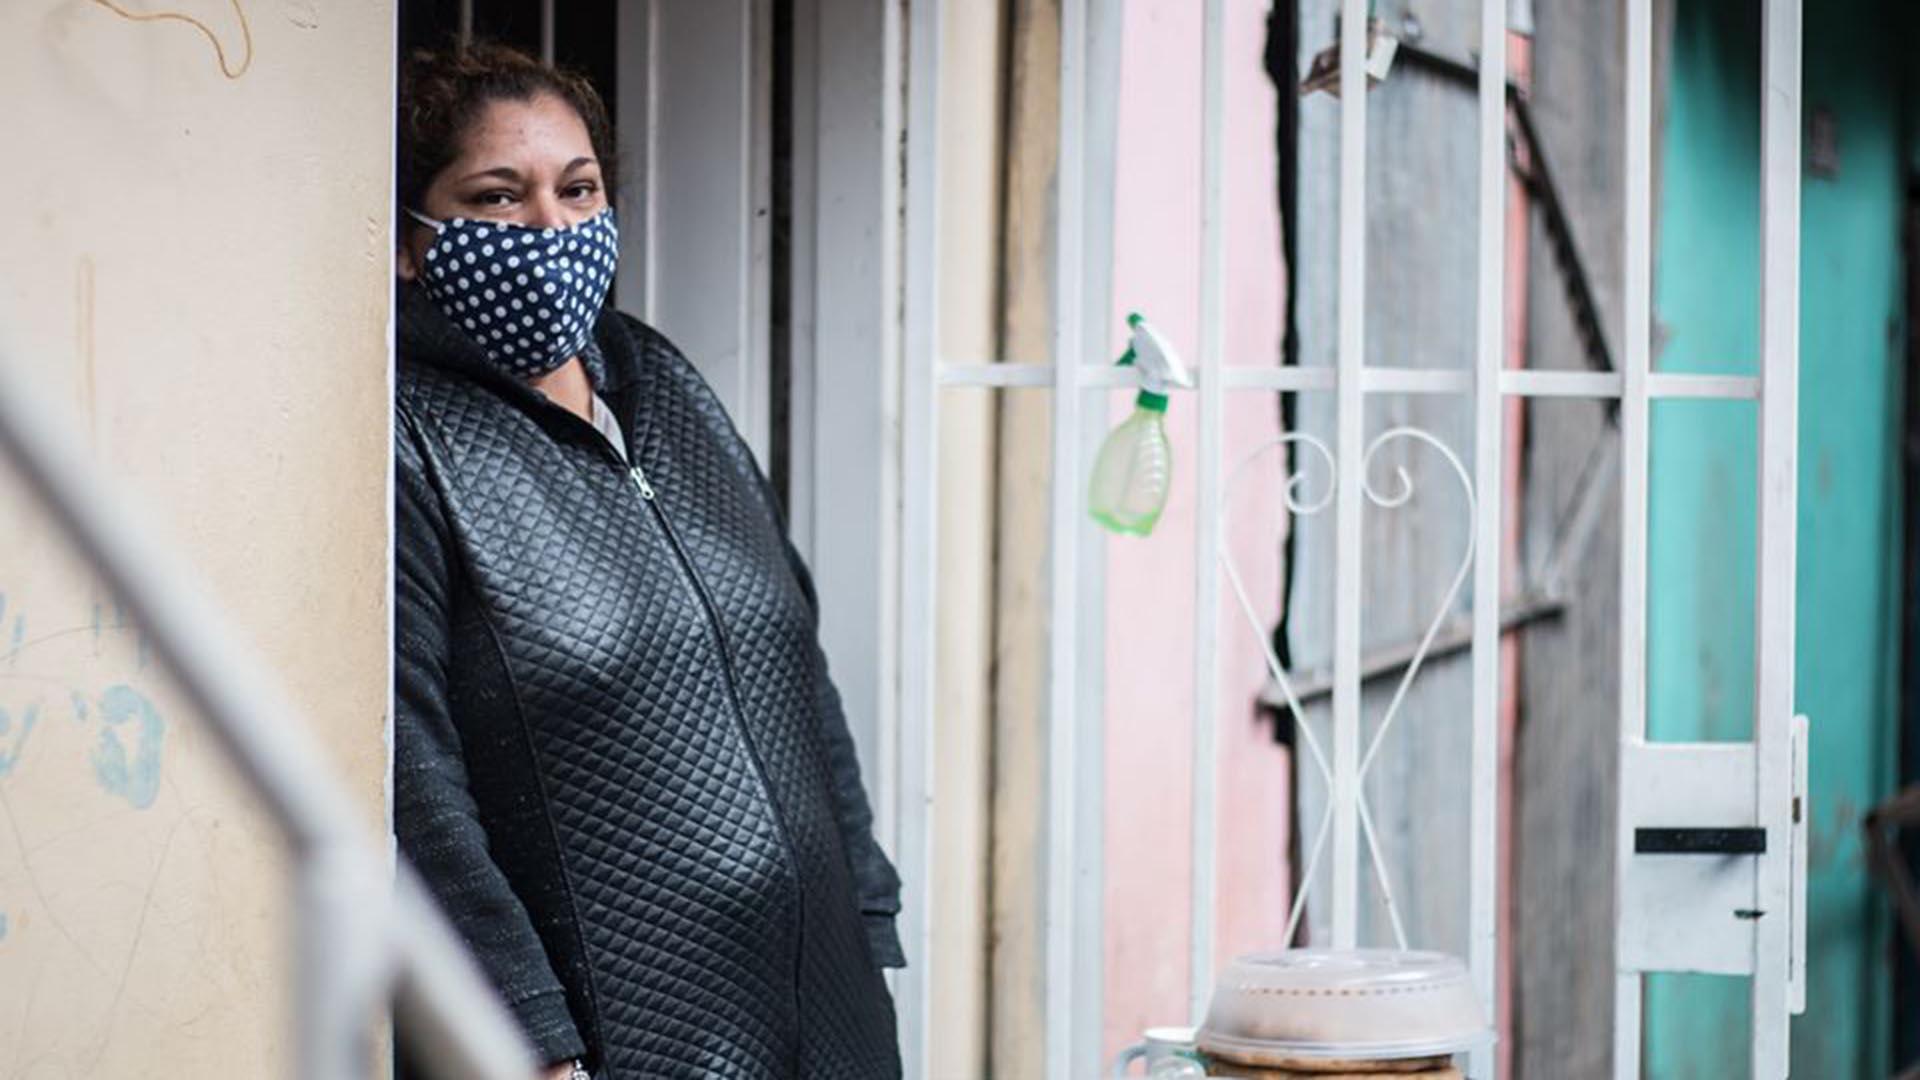 """""""Nos piden que nos higienicemos, que nos lavemos las manos, que tengamos mayor cuidado, que nos pongamos tapabocas, que no salgamos a la calle"""", decía Ramona Medina, vecina y referente de la Villa 31, frente a las canillas secas de su casa """"¿Y con qué lo hacemos si no tenemos agua?"""", apuntaba. Poco después de su denuncia, la mujer de 42 años, paciente diabética e insulino-dependiente, fue diagnosticada con COVID-19, al igual que sus dos hijas (una de ellas discapacitada), su sobrina y sus cuñados. Ramona quedó internada en grave estado, sedada y conectada a un respirador, y falleció el domingo 17 de mayo en el Hospital Muñiz."""